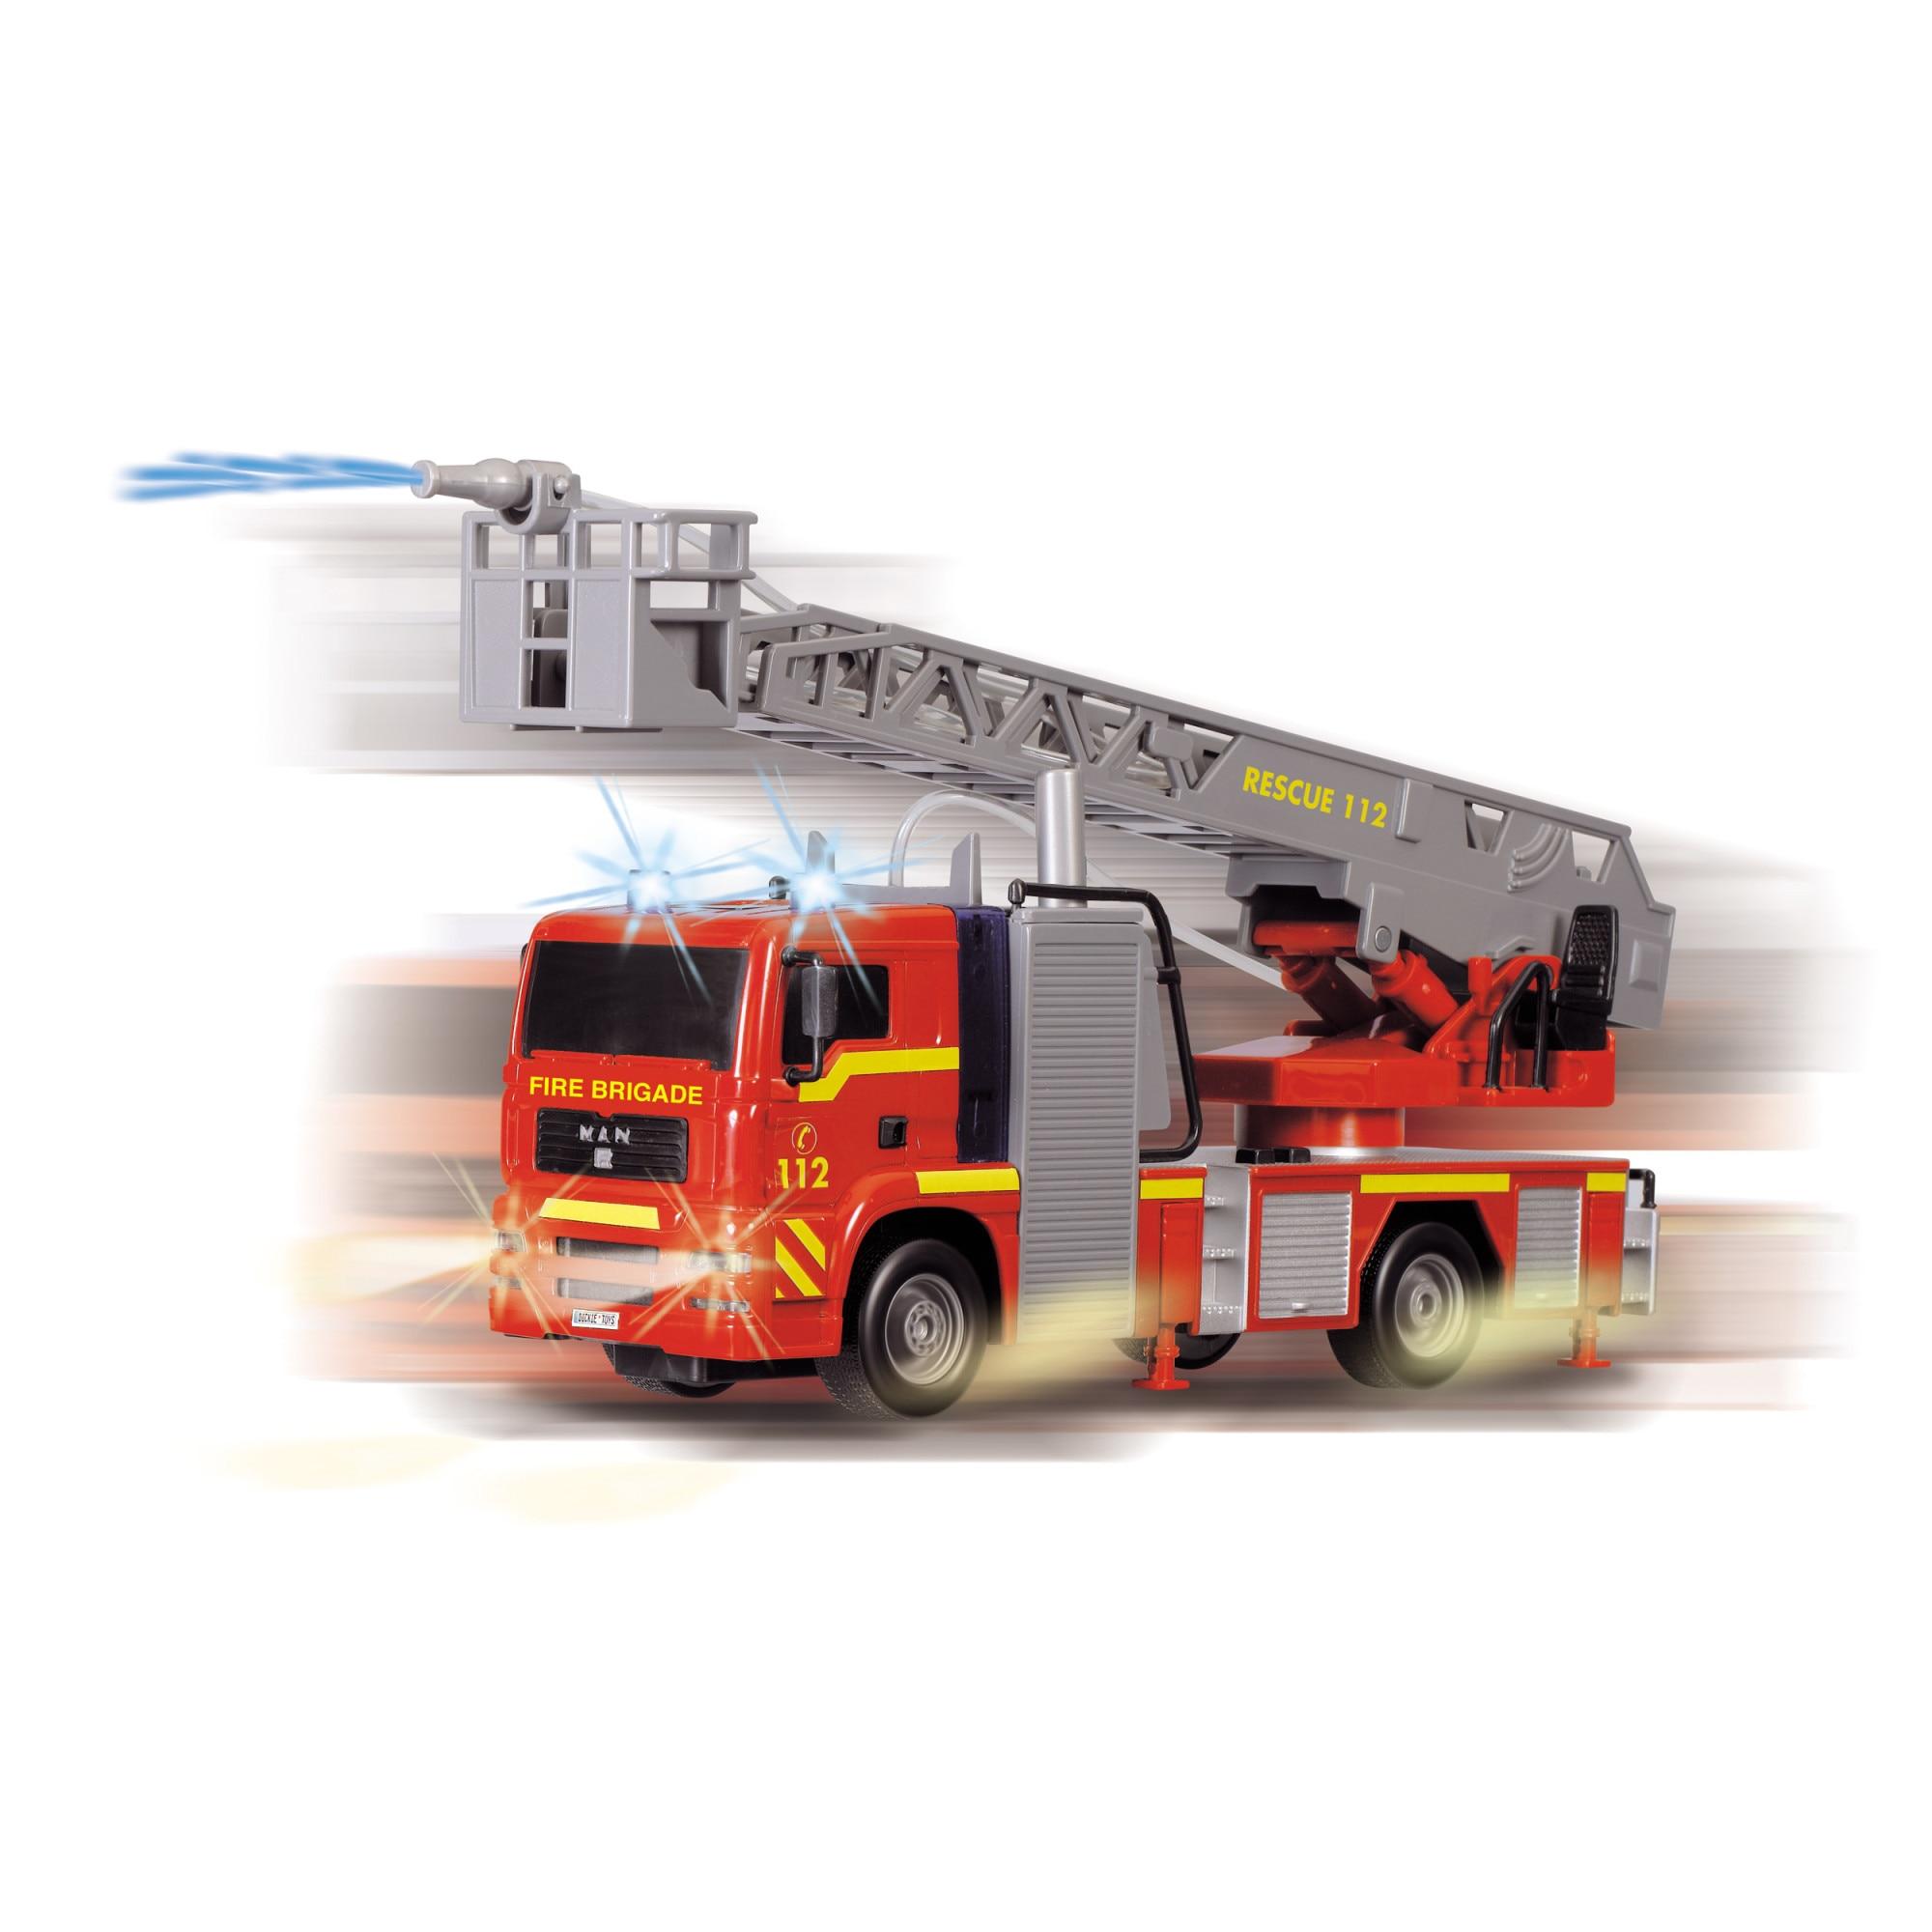 Masina de pompieri - City Fire Engine | Dickie Toys - 1